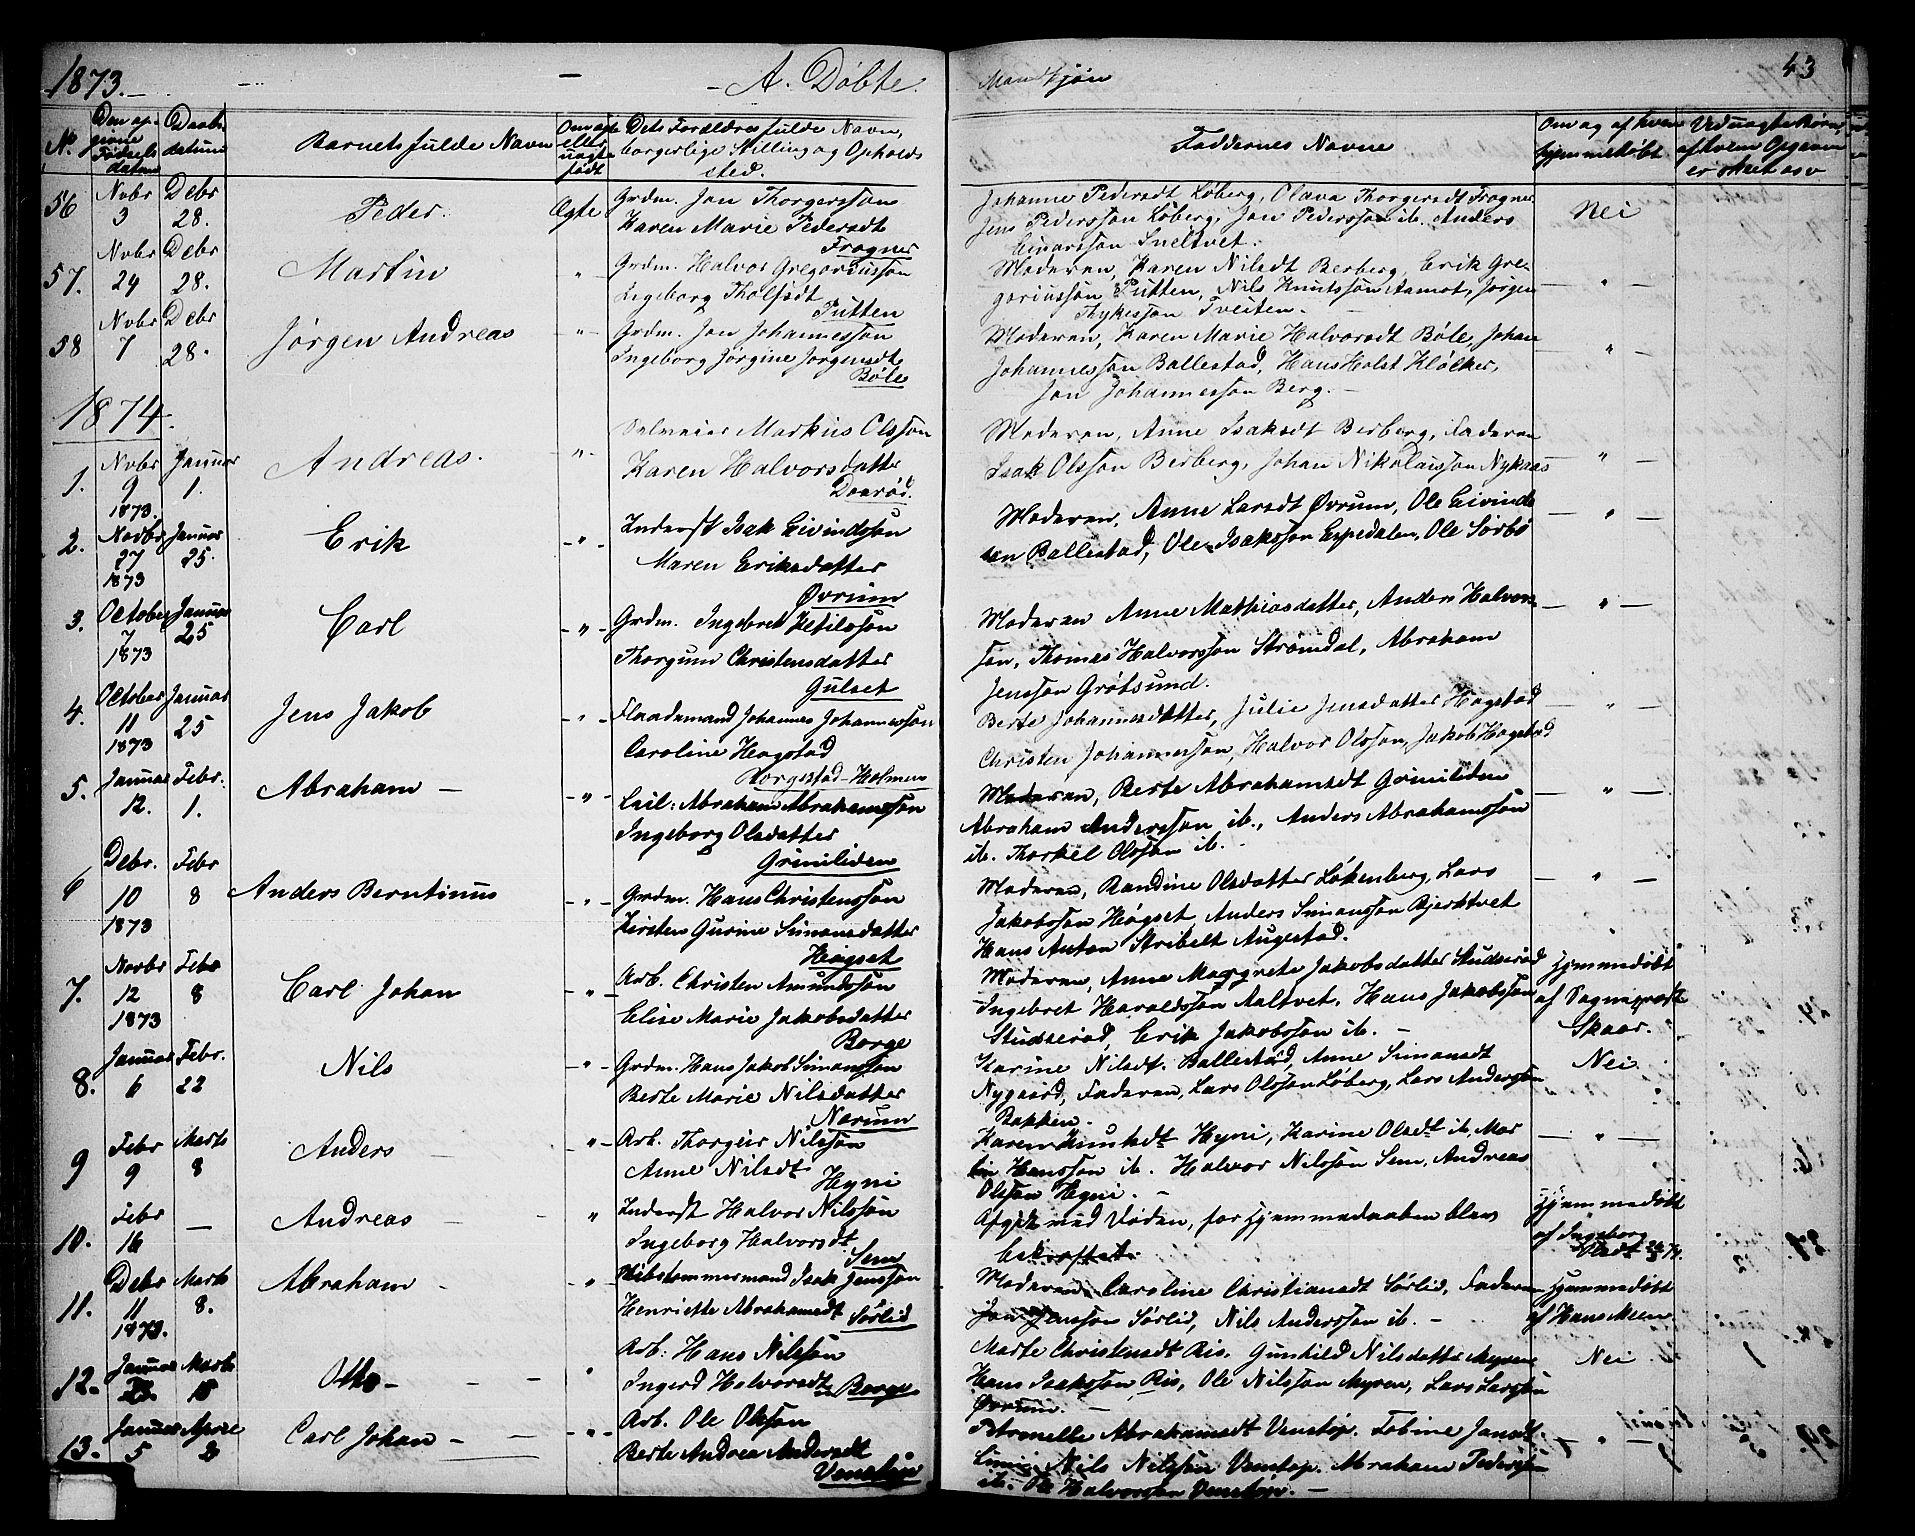 SAKO, Gjerpen kirkebøker, G/Ga/L0001: Klokkerbok nr. I 1, 1864-1882, s. 43